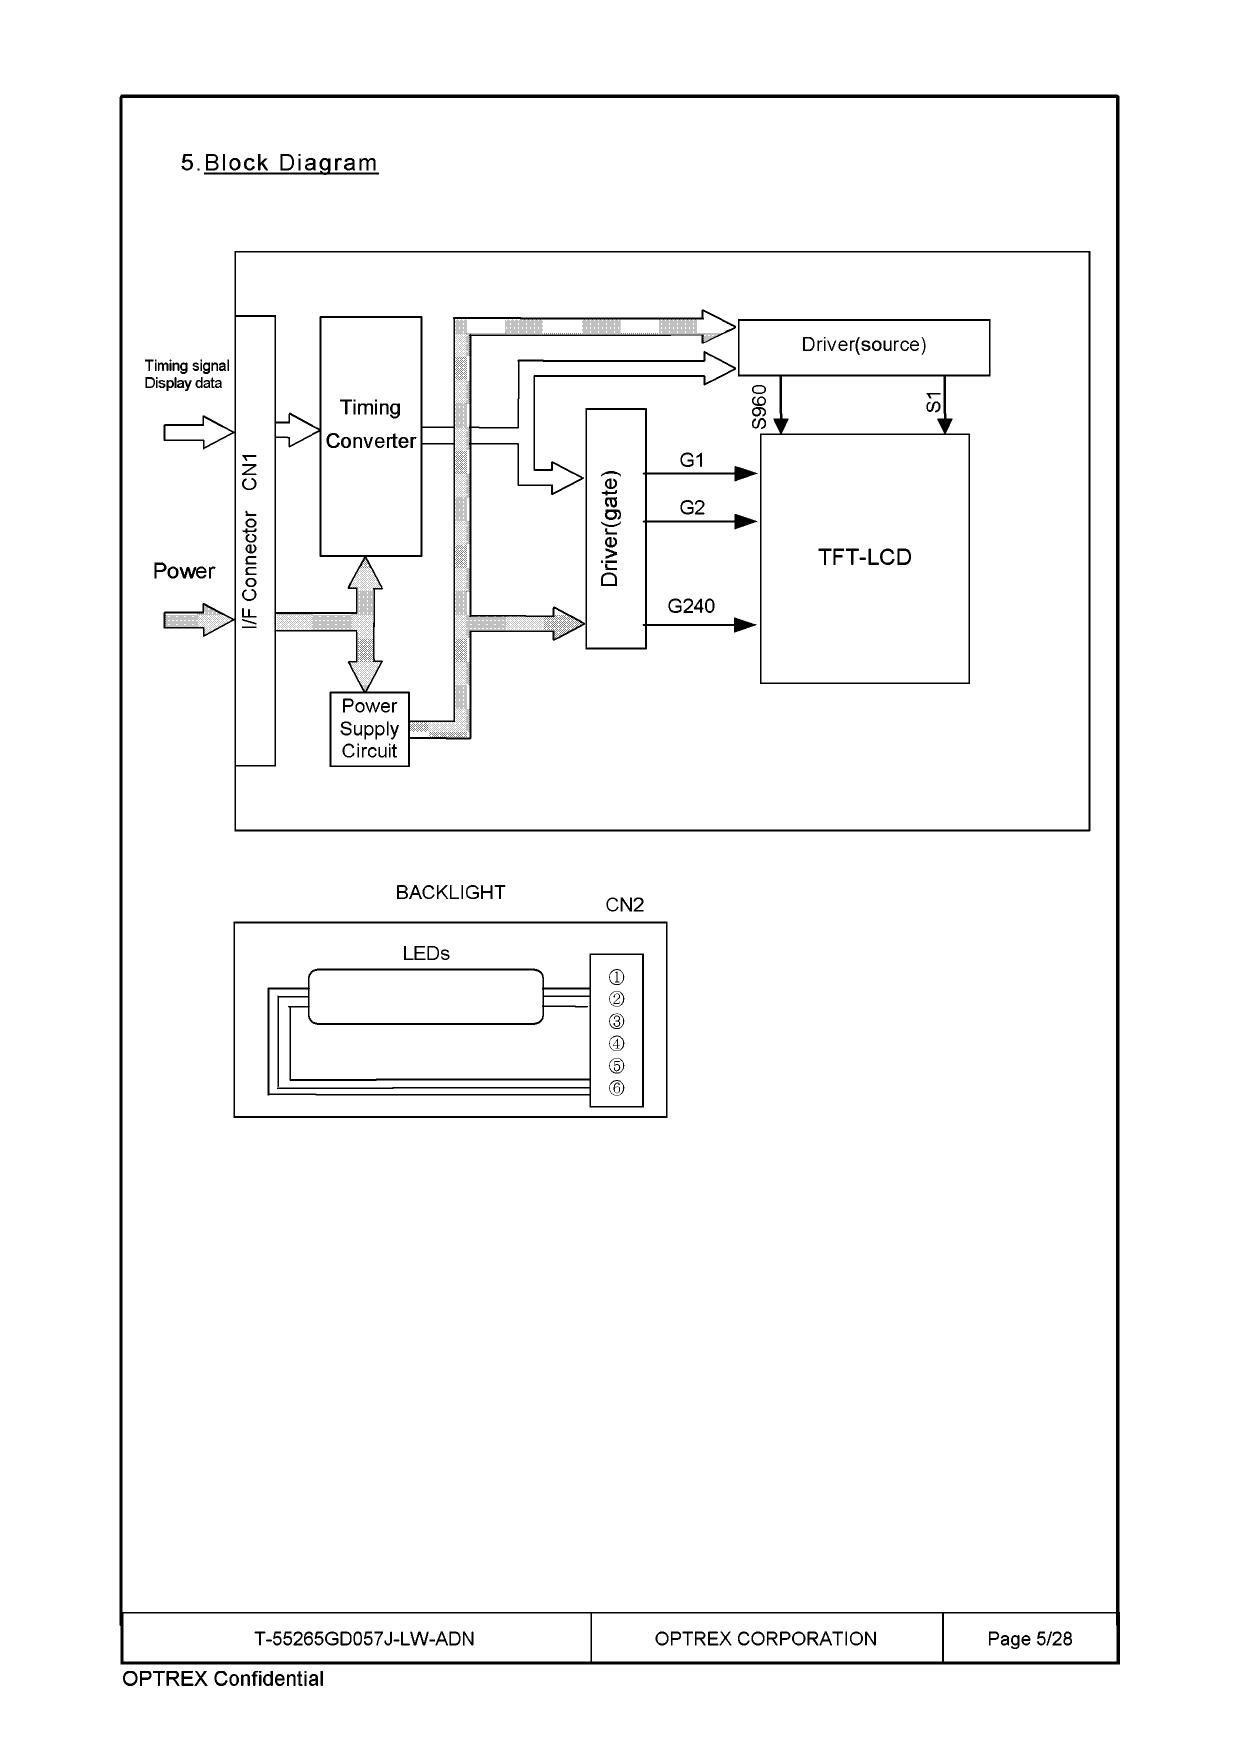 T-55265GD057J-LW-ADN pdf